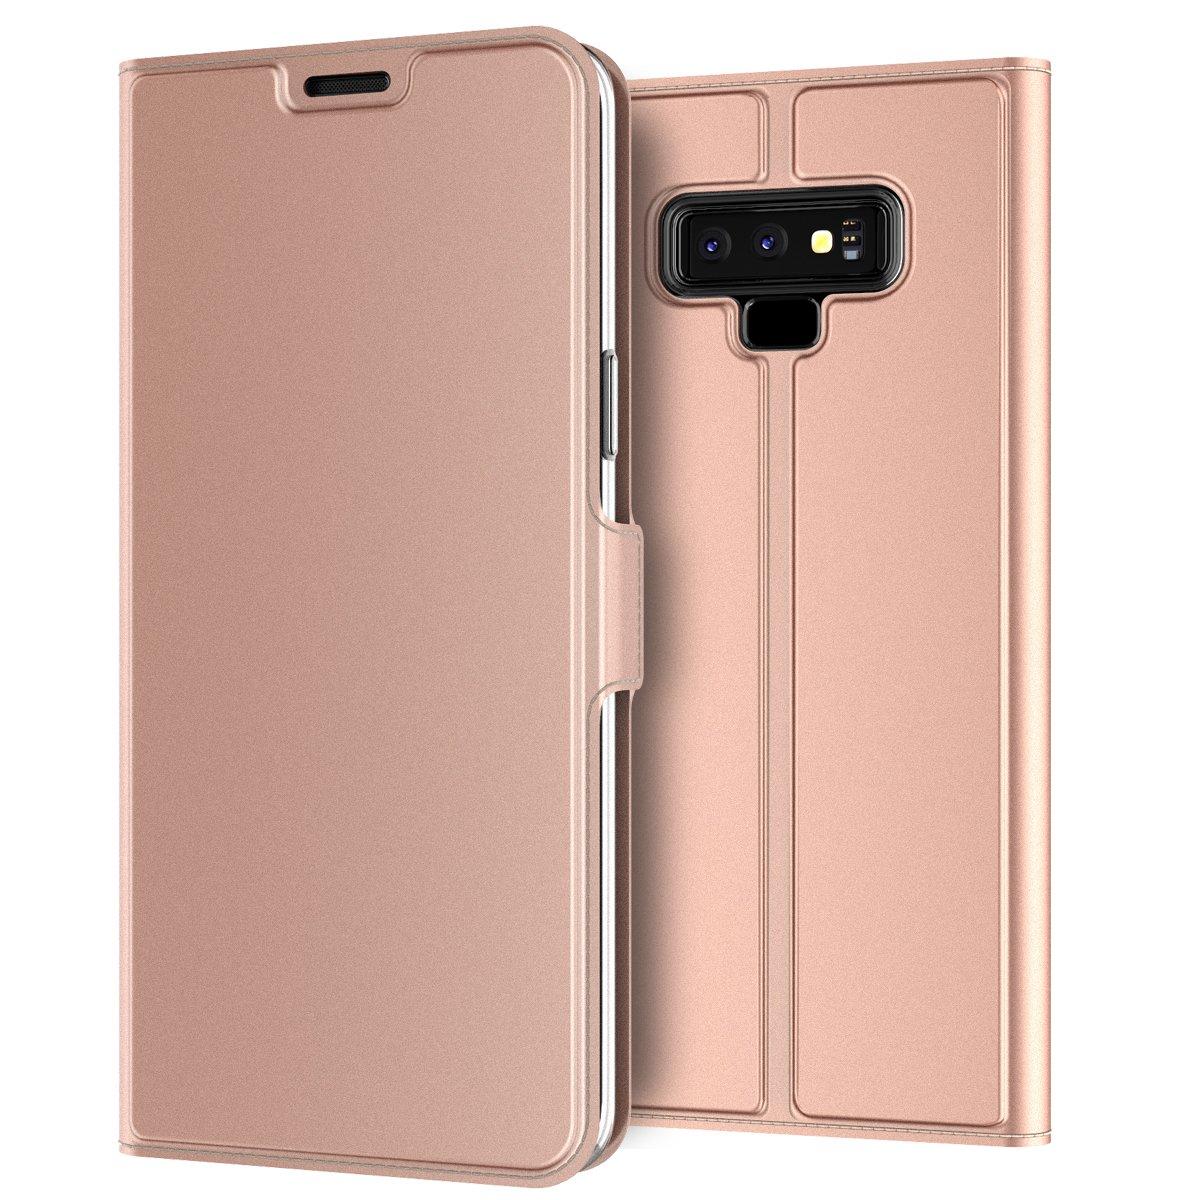 Coque Housse pour Samsung Galaxy Note 9 Etui Flip Cover Case Portefeuille Etui Housse Ultra-Mince PU Cuir Protecteur le Corps du Étui Magnétique Flip Stand/Support Fente Pour Carte (Bleu)